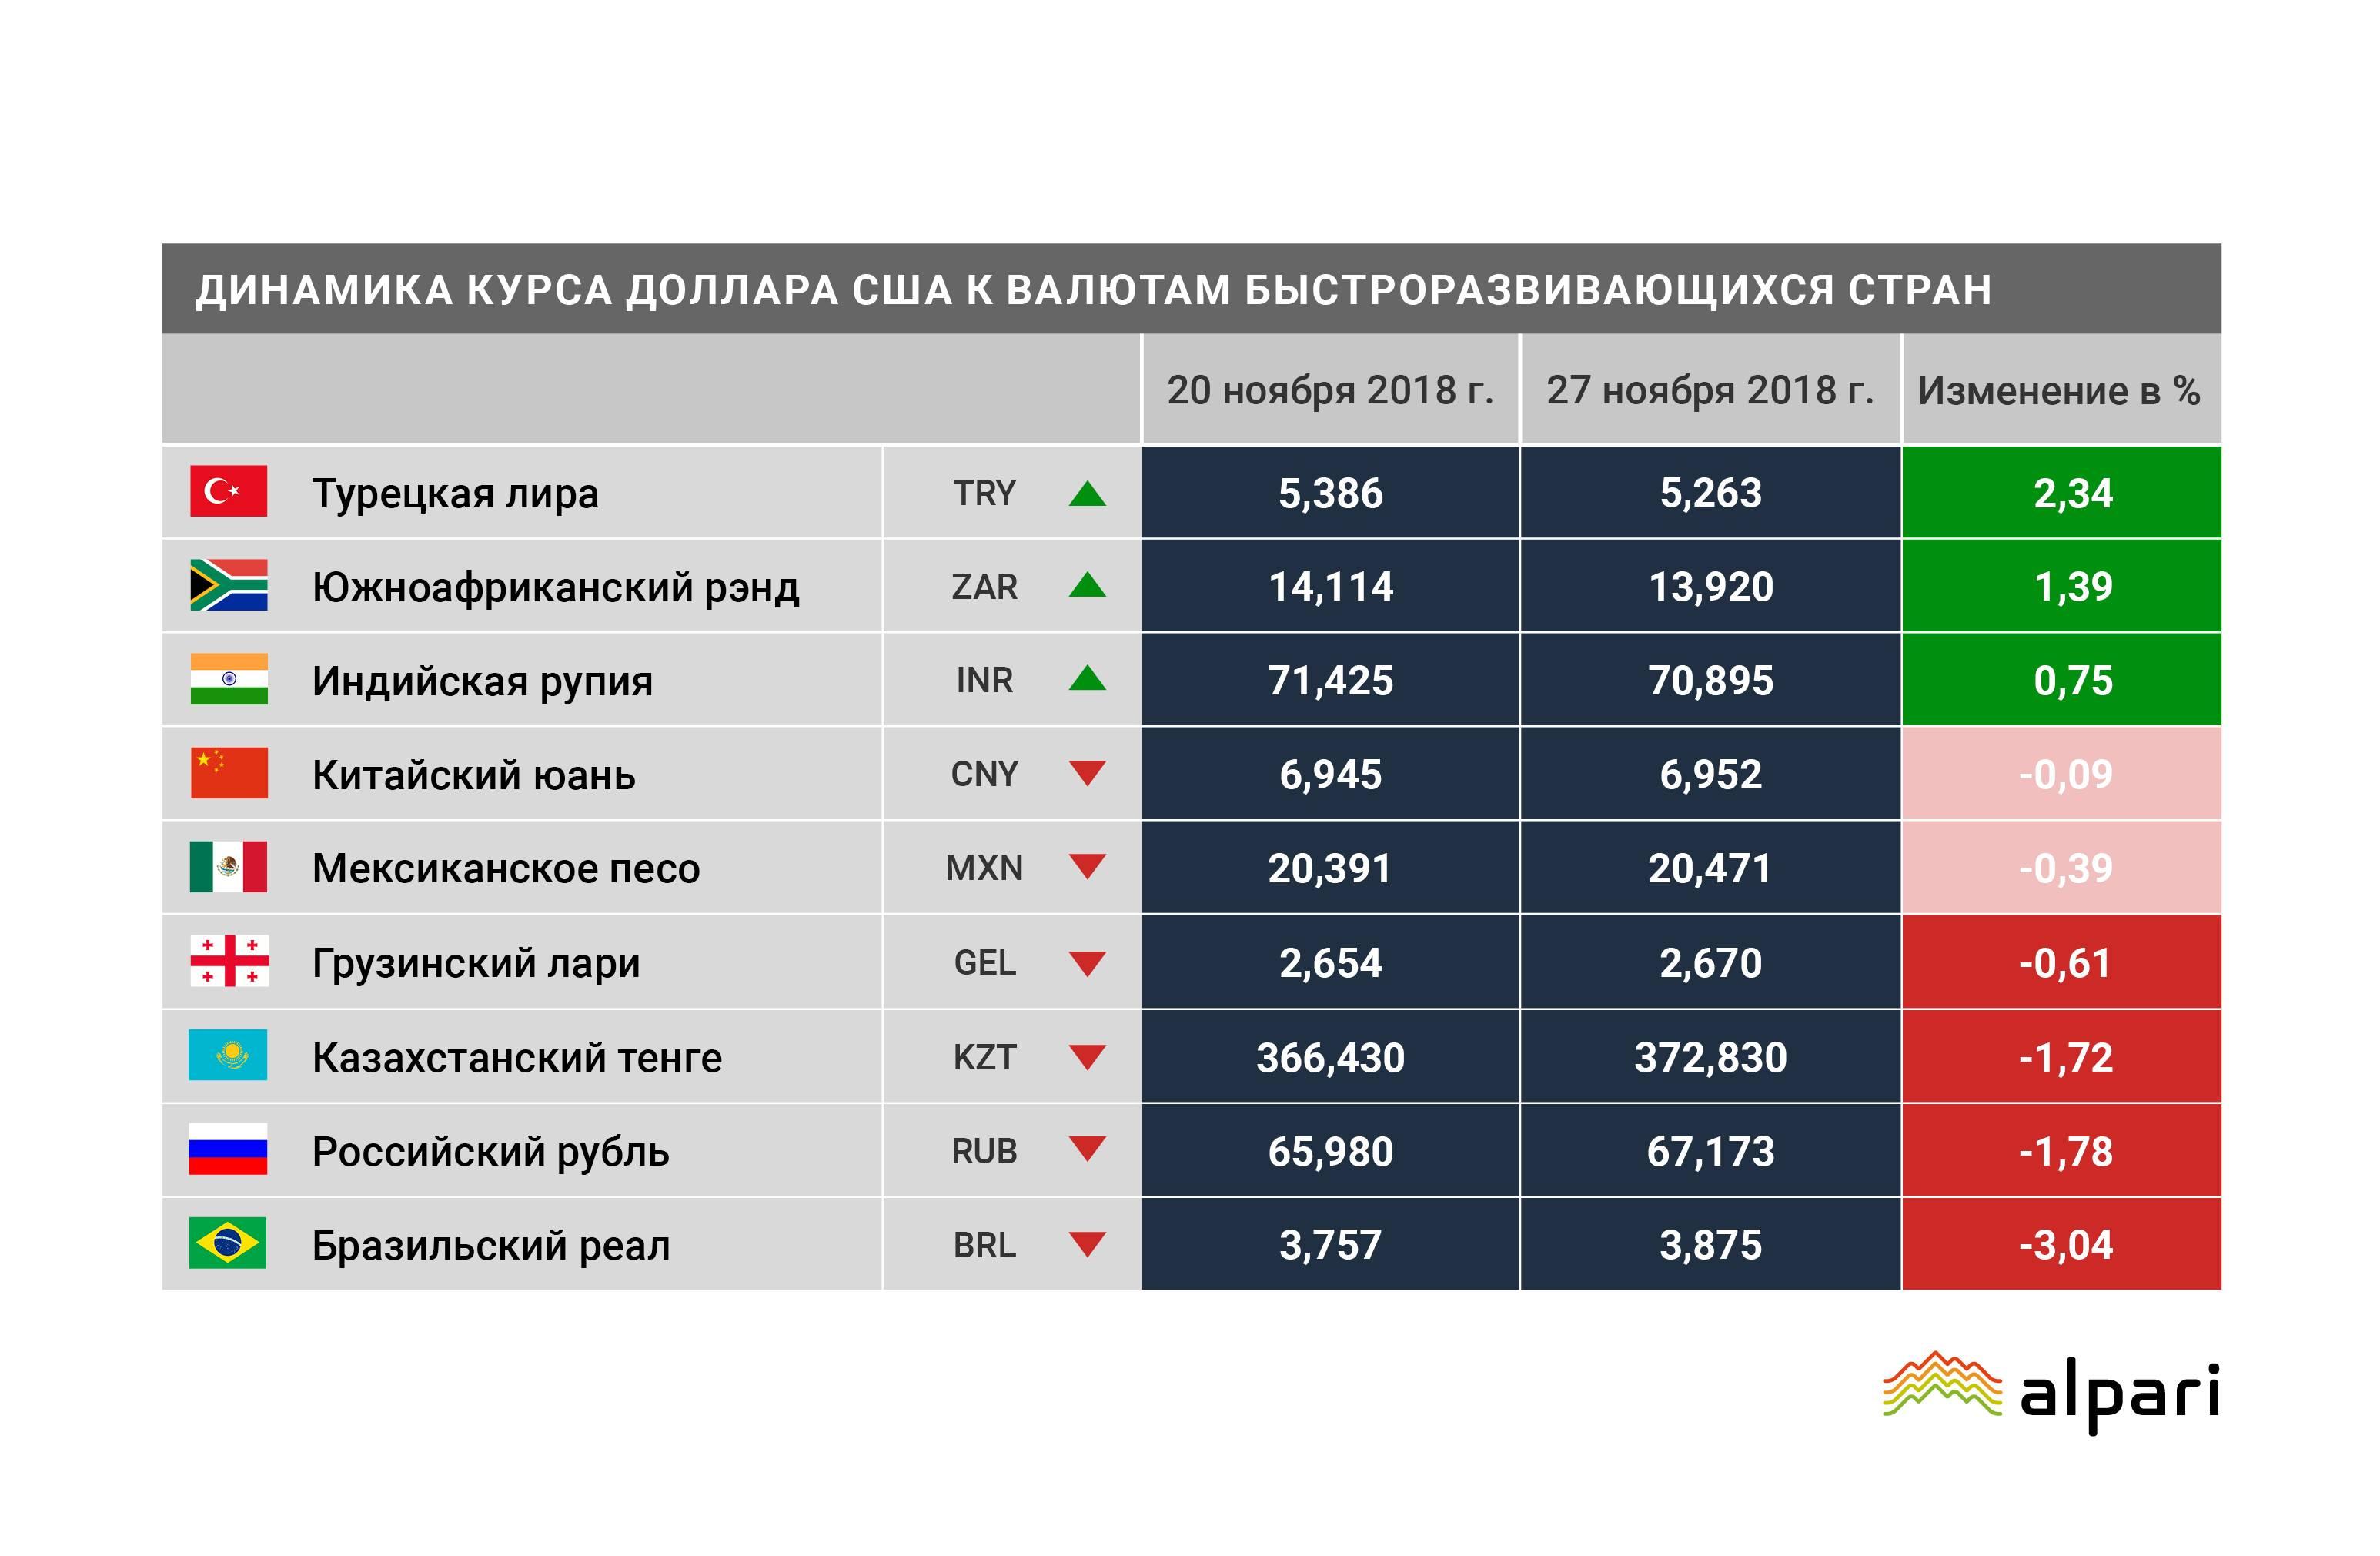 Латвия: валюта вчера и сегодня